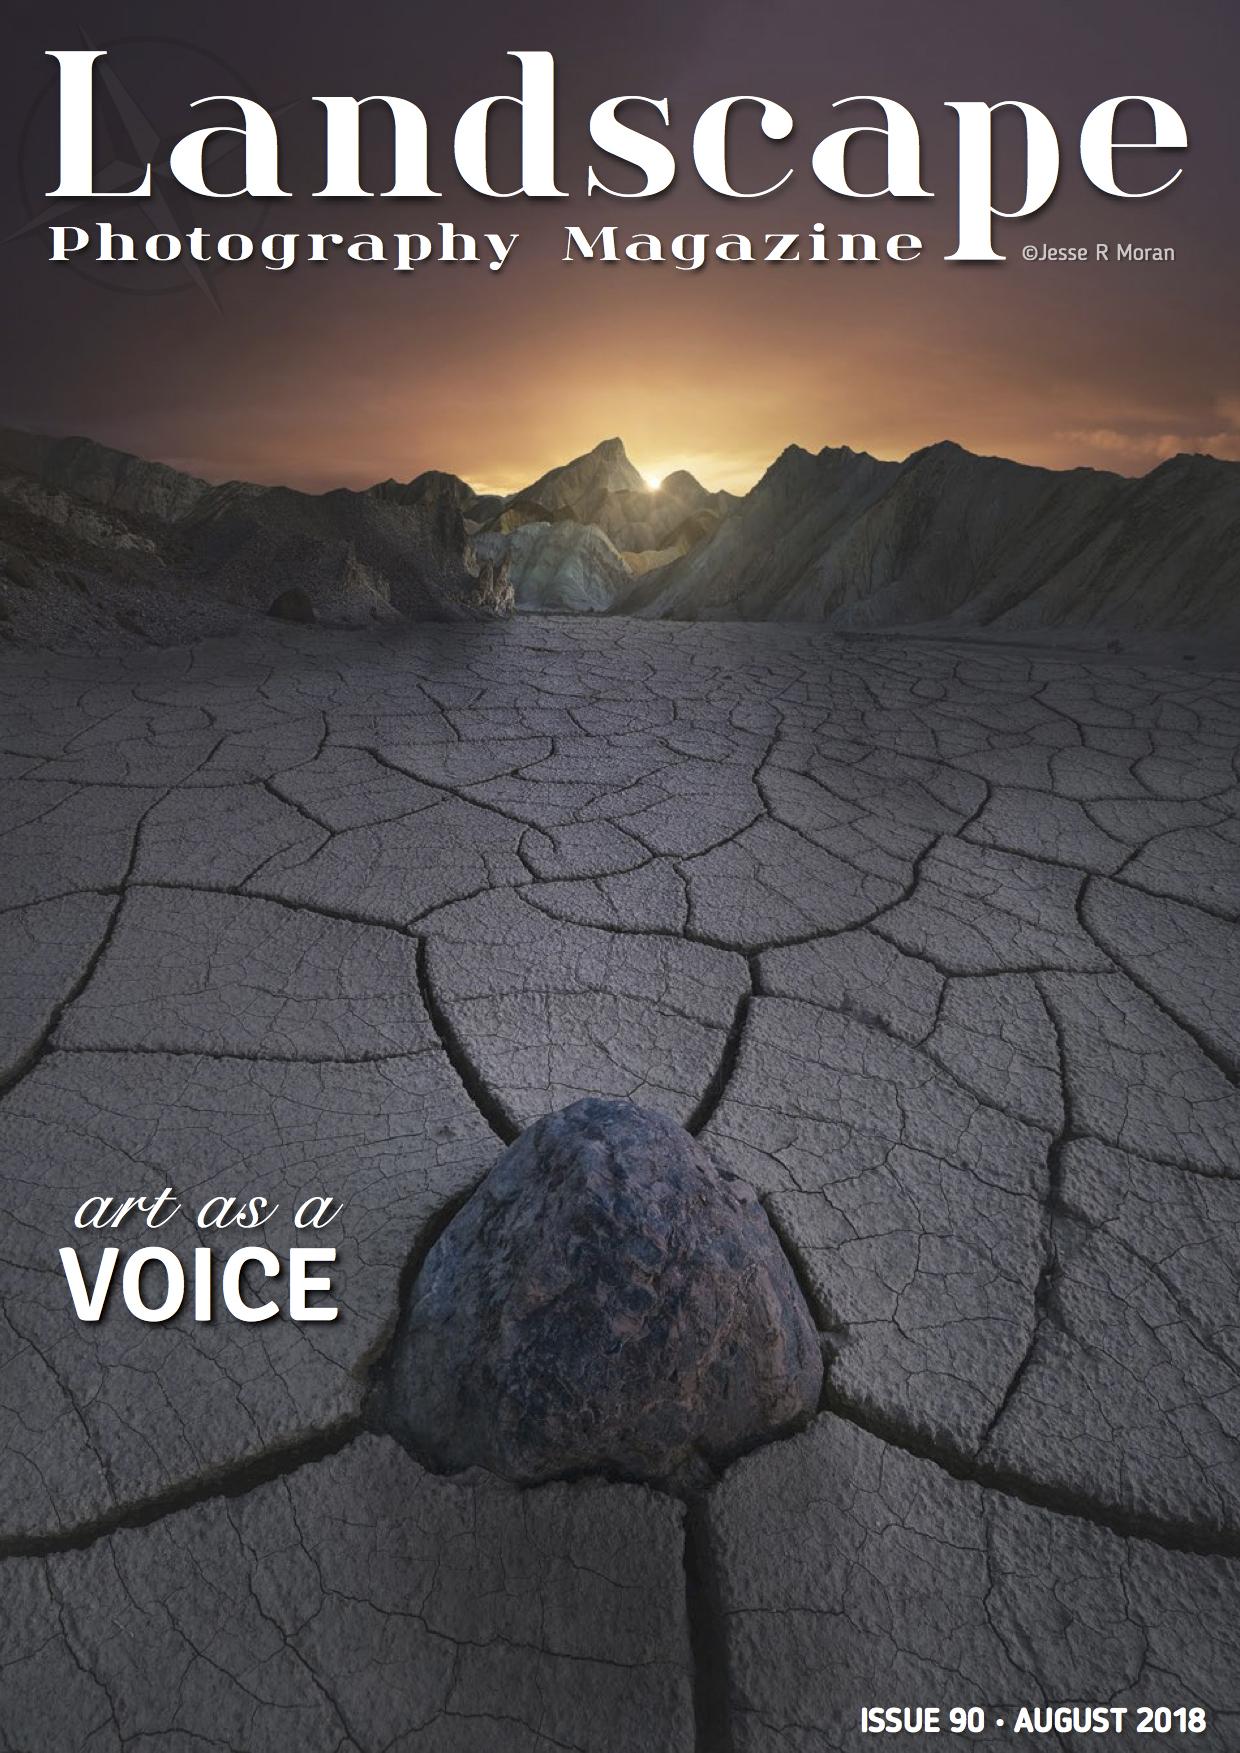 LandscapePM Cover